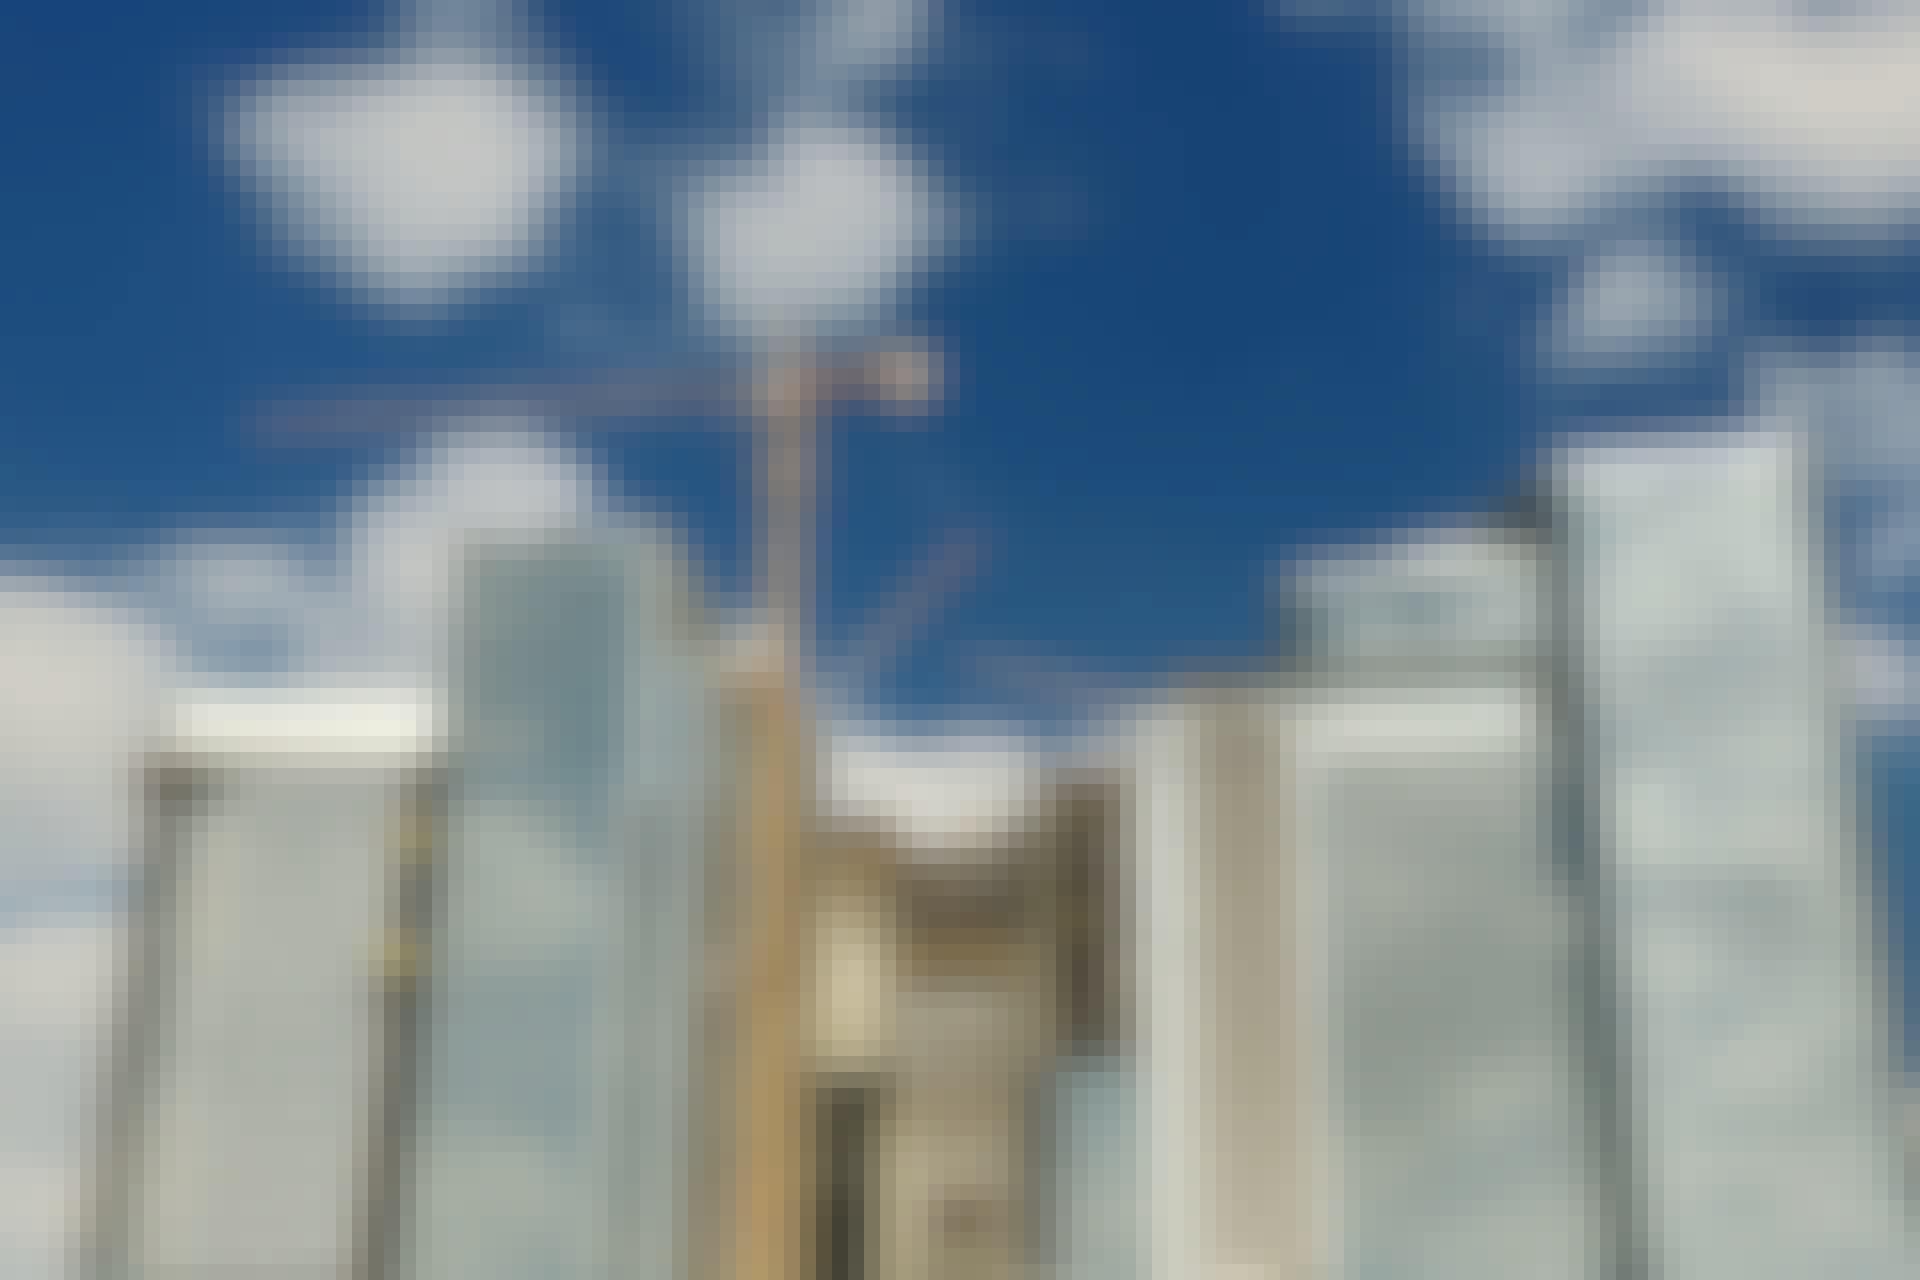 byggekran, højhuse, byninger